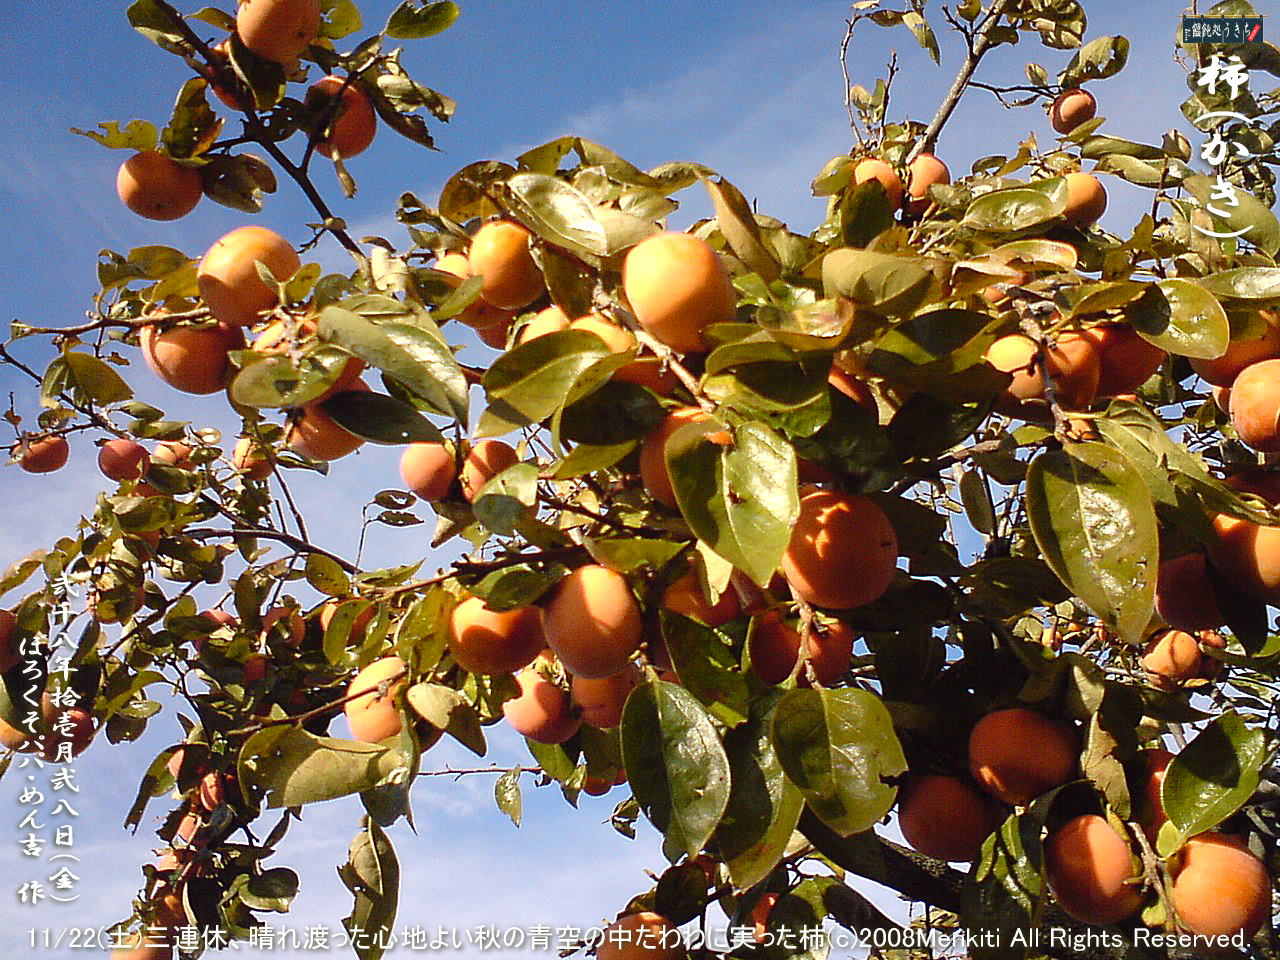 11/22(土)三連休、晴れ渡った心地よい秋の青空の中たわわに実った柿@キャツピ&めん吉の【ぼろくそパパの独り言】    ▼クリックで640x480pxlsに拡大します。